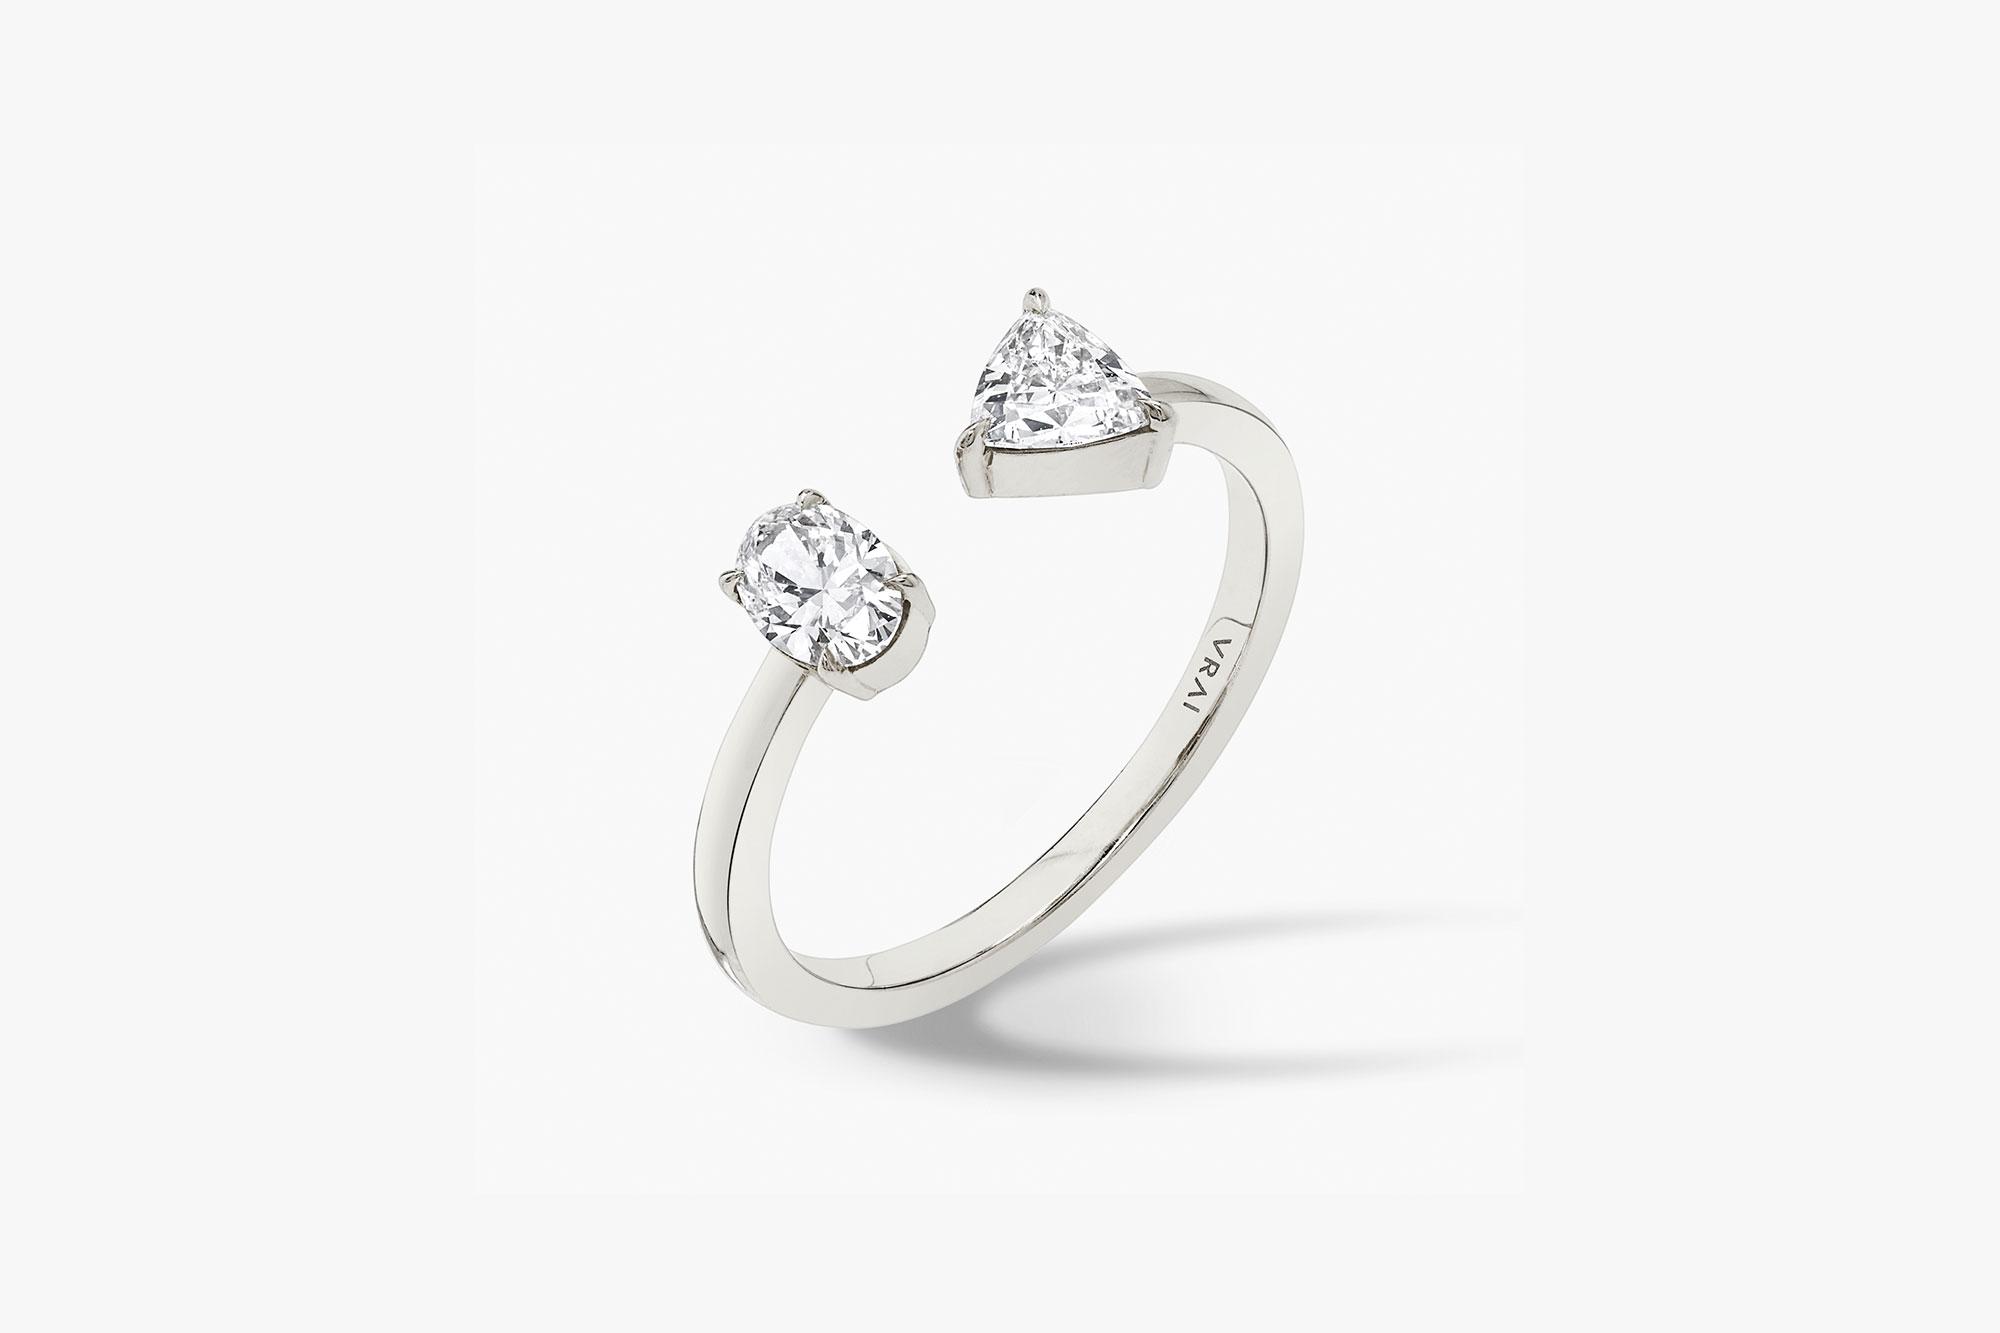 White gold, lab-grown diamond, oval diamond, trillion diamond